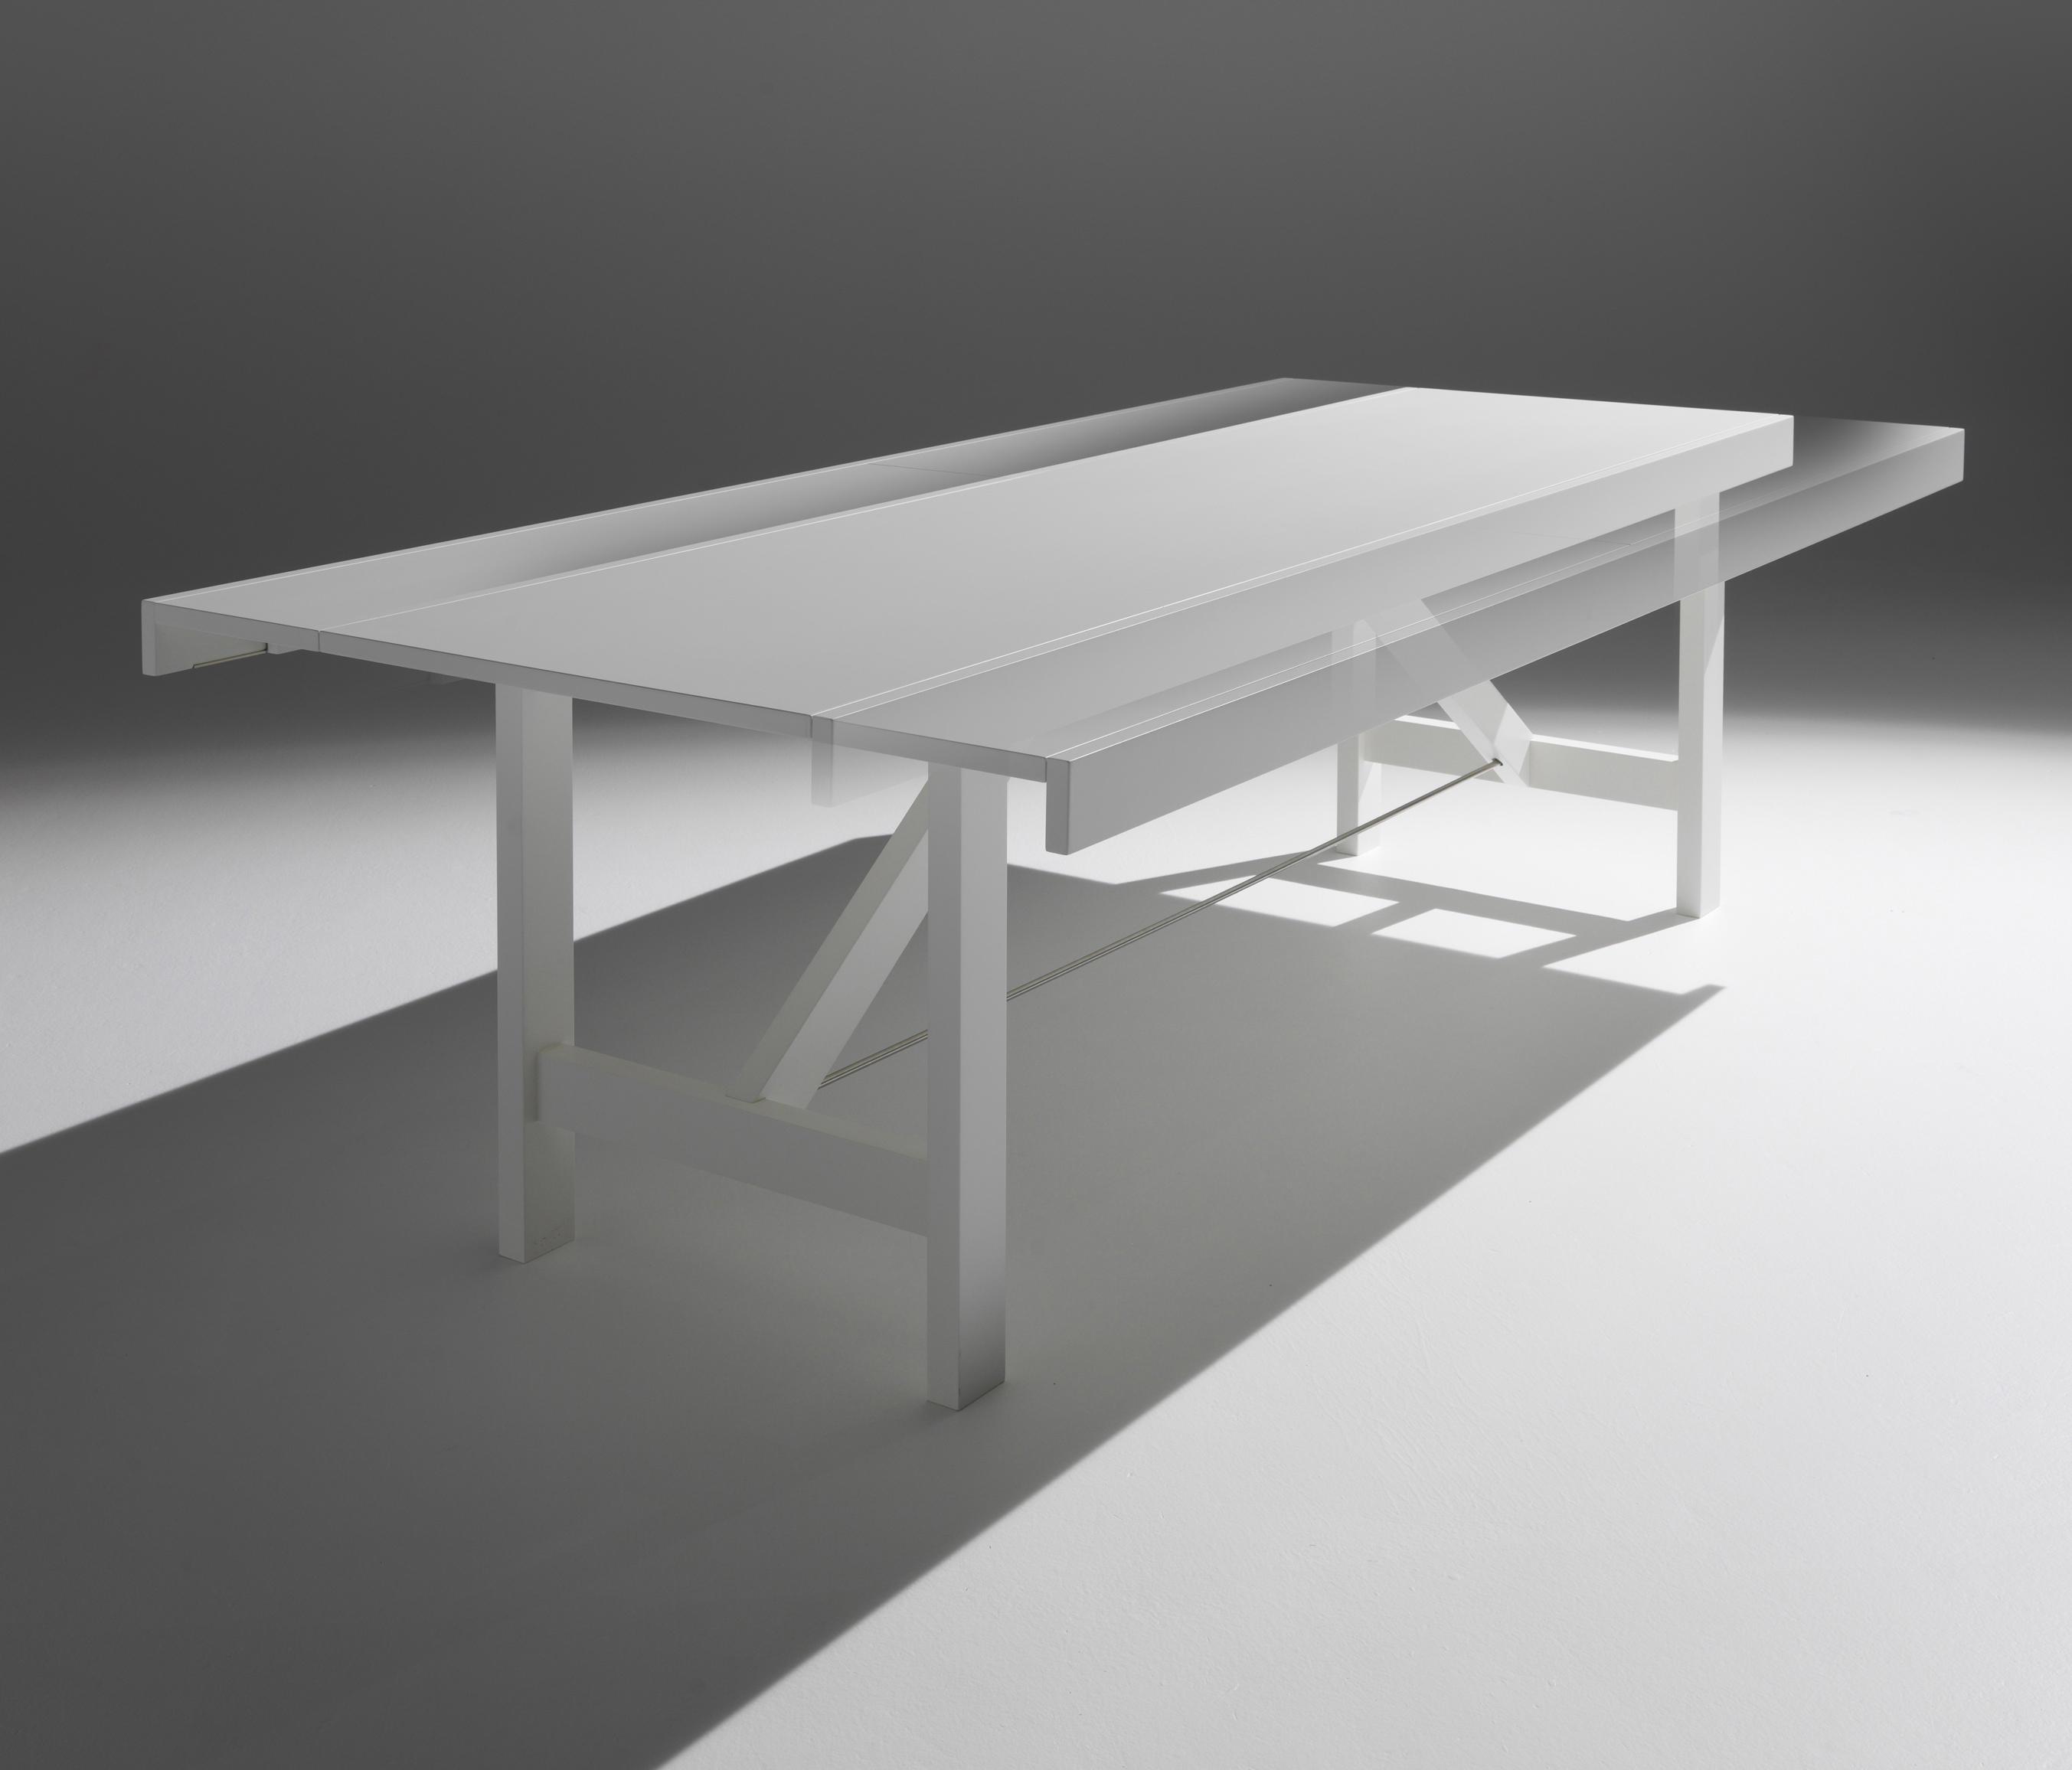 Esstisch Proportionen ~ CAPRIATA TABLE  Esstische von HORMIT  Architonic